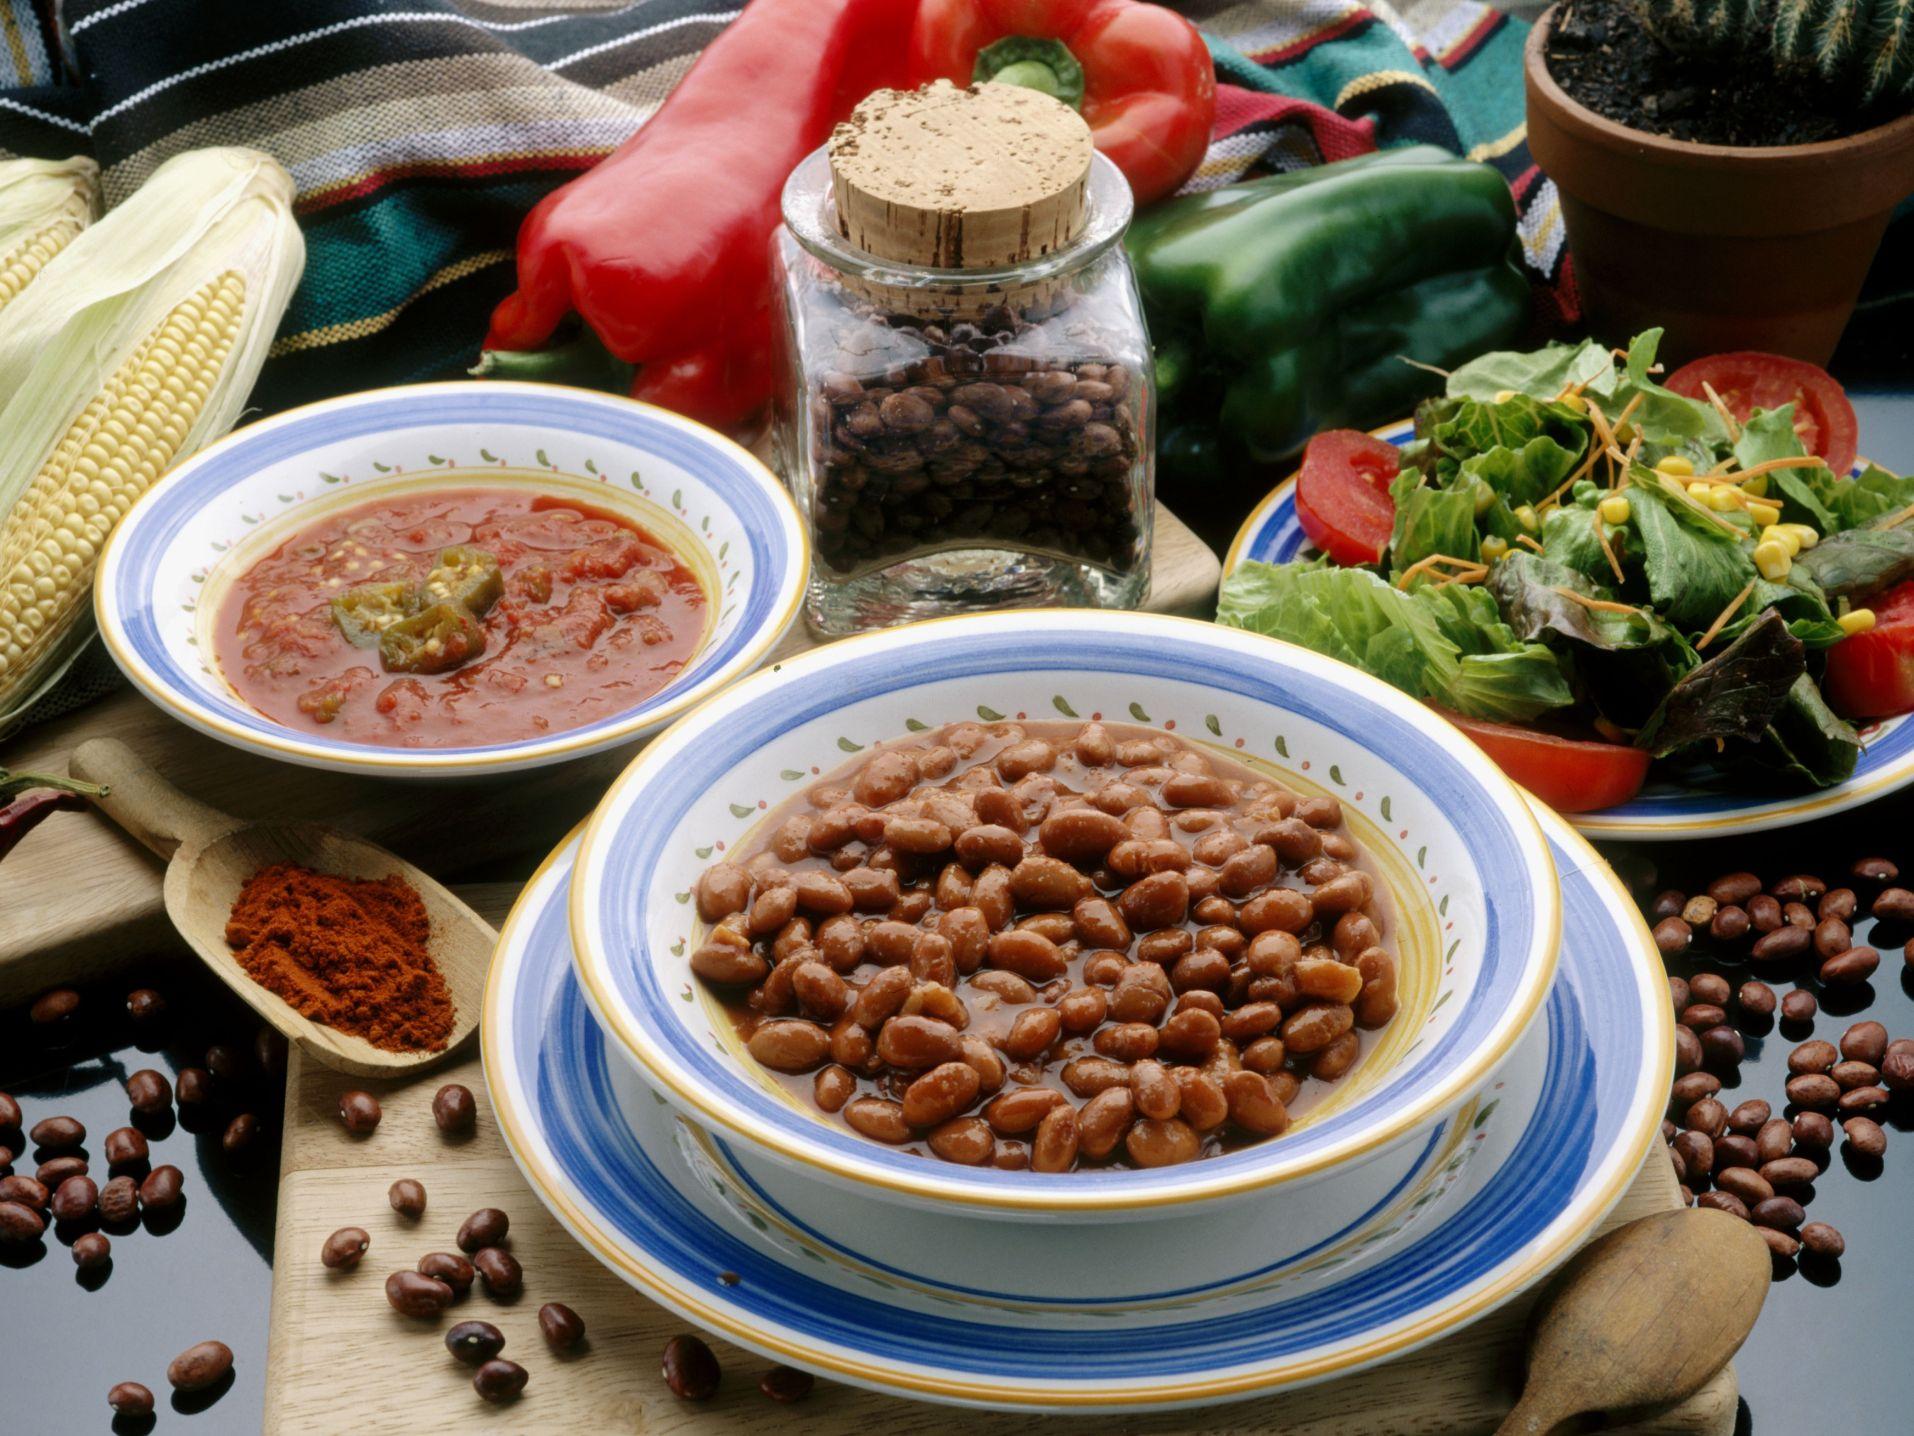 frijoles dieta mediterranea